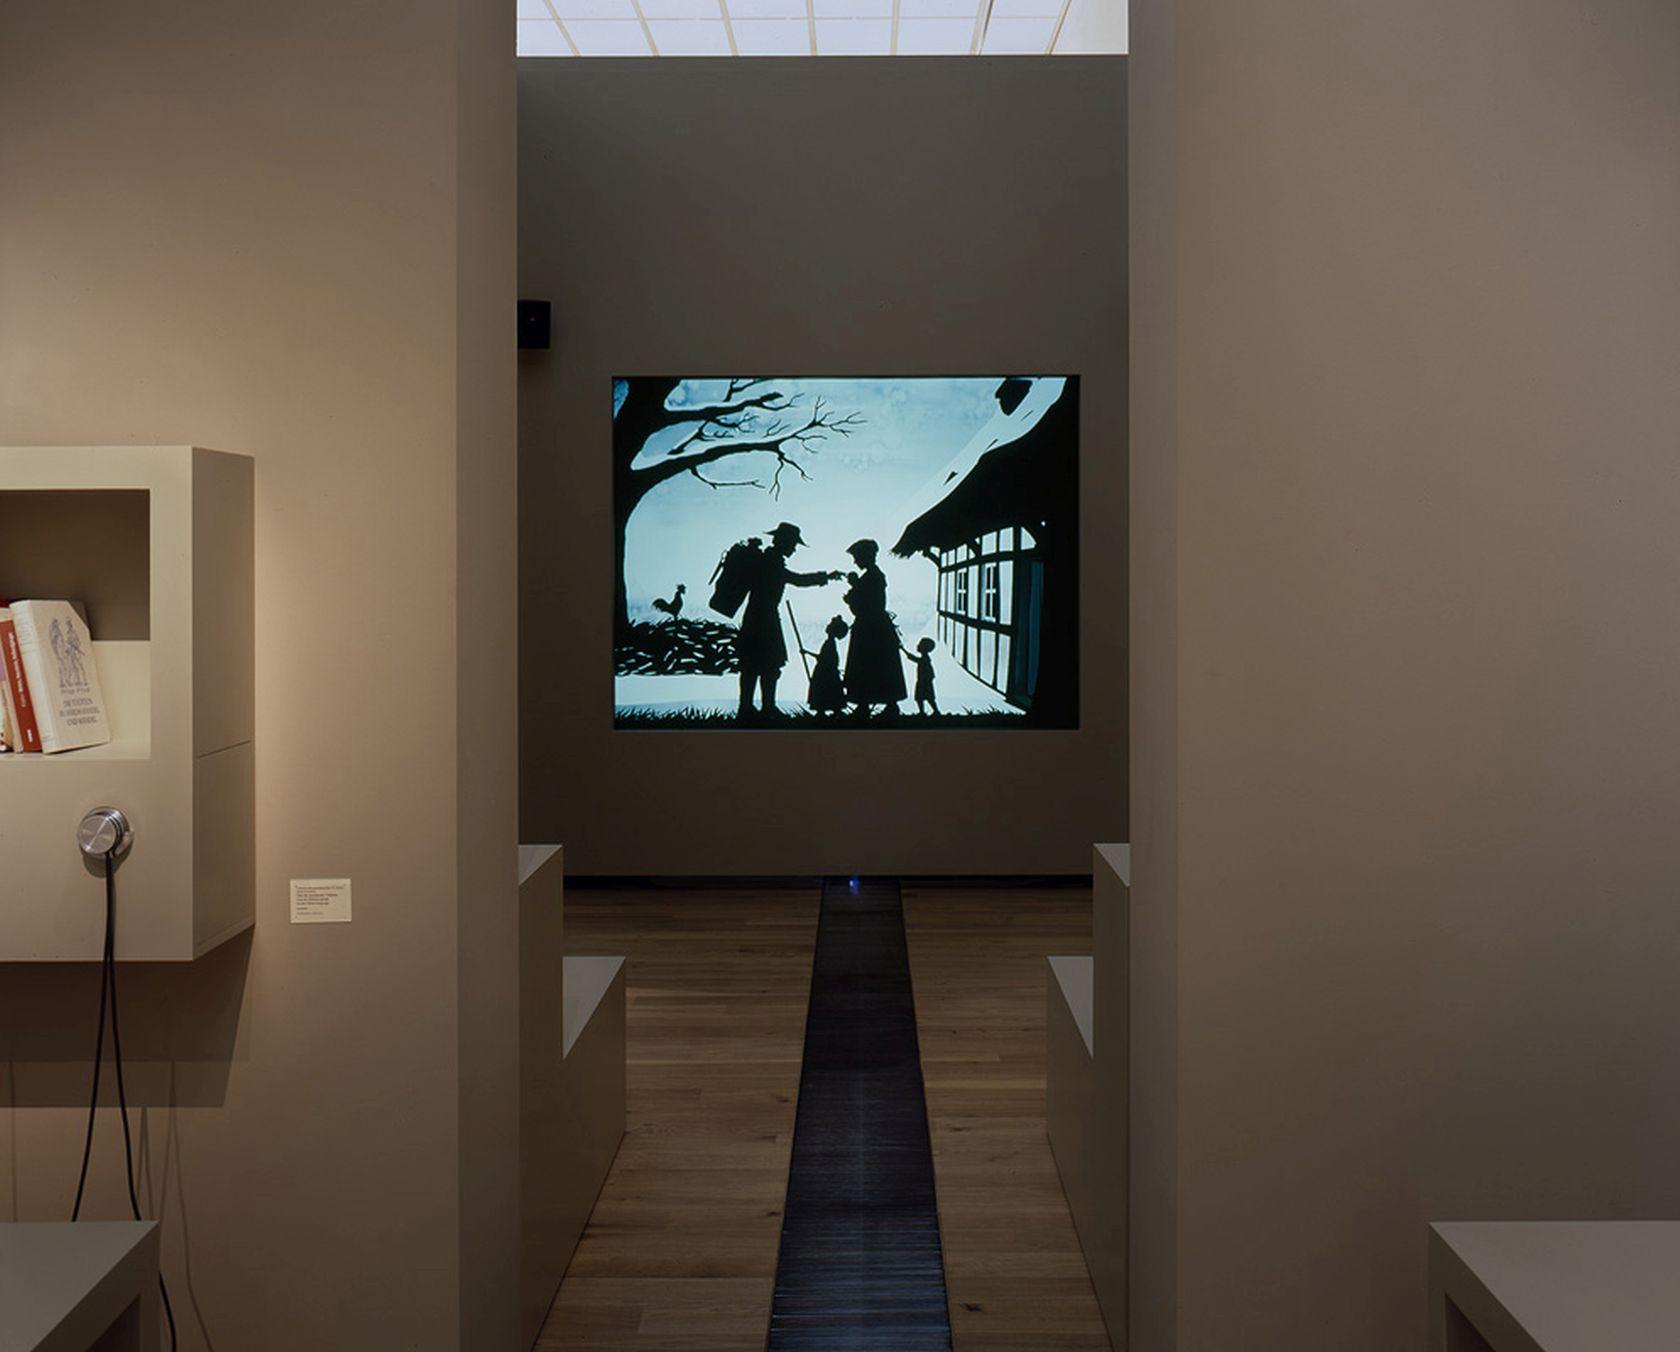 Ausstellung DRAI CLEMENS UND AUGUST-006